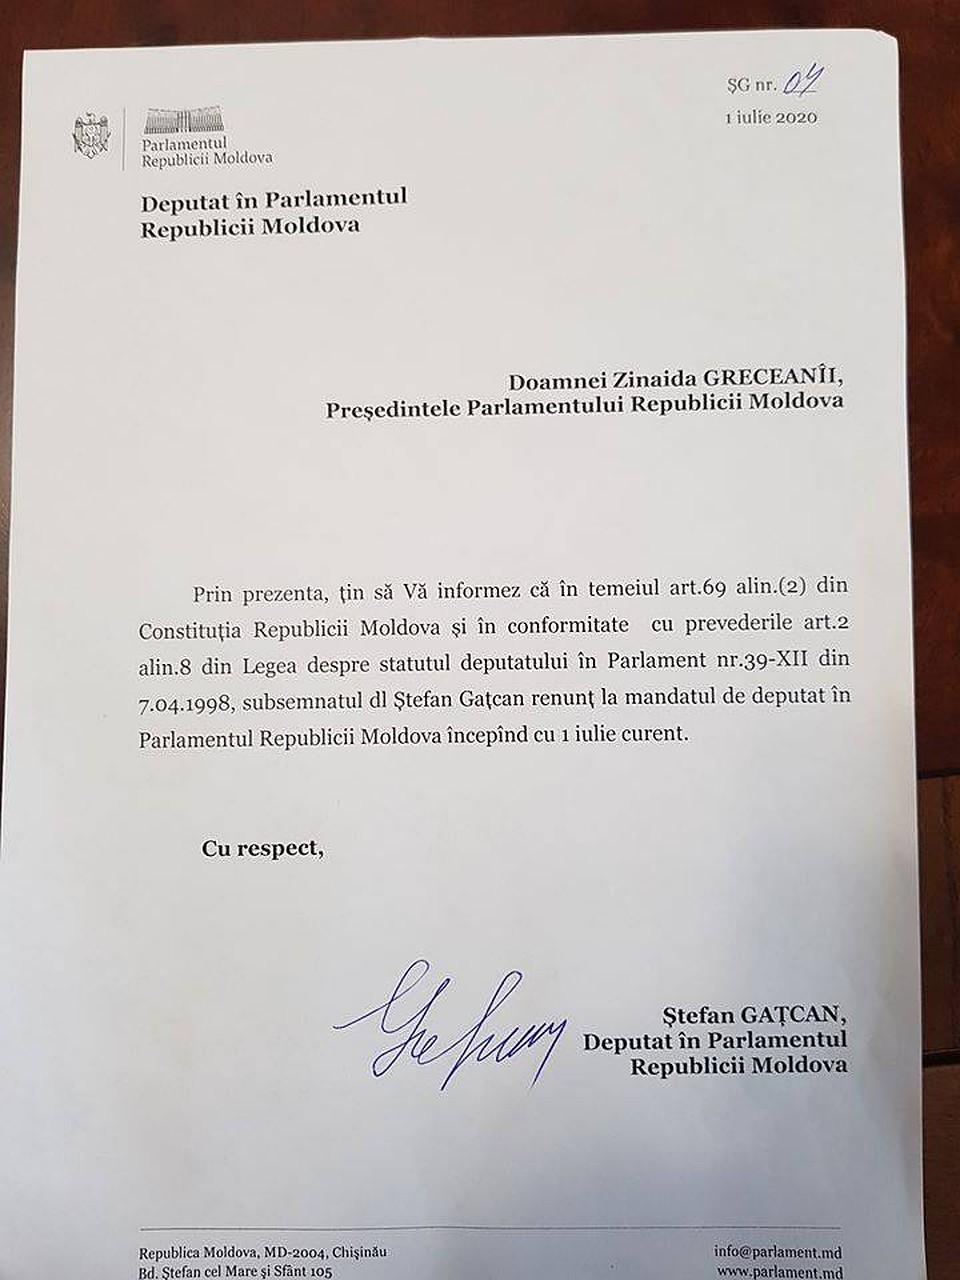 Такого в Молдове еще не было: Штефан Гацкан отказался от депутатского мандата, не выдержав возмущения своих избирателей